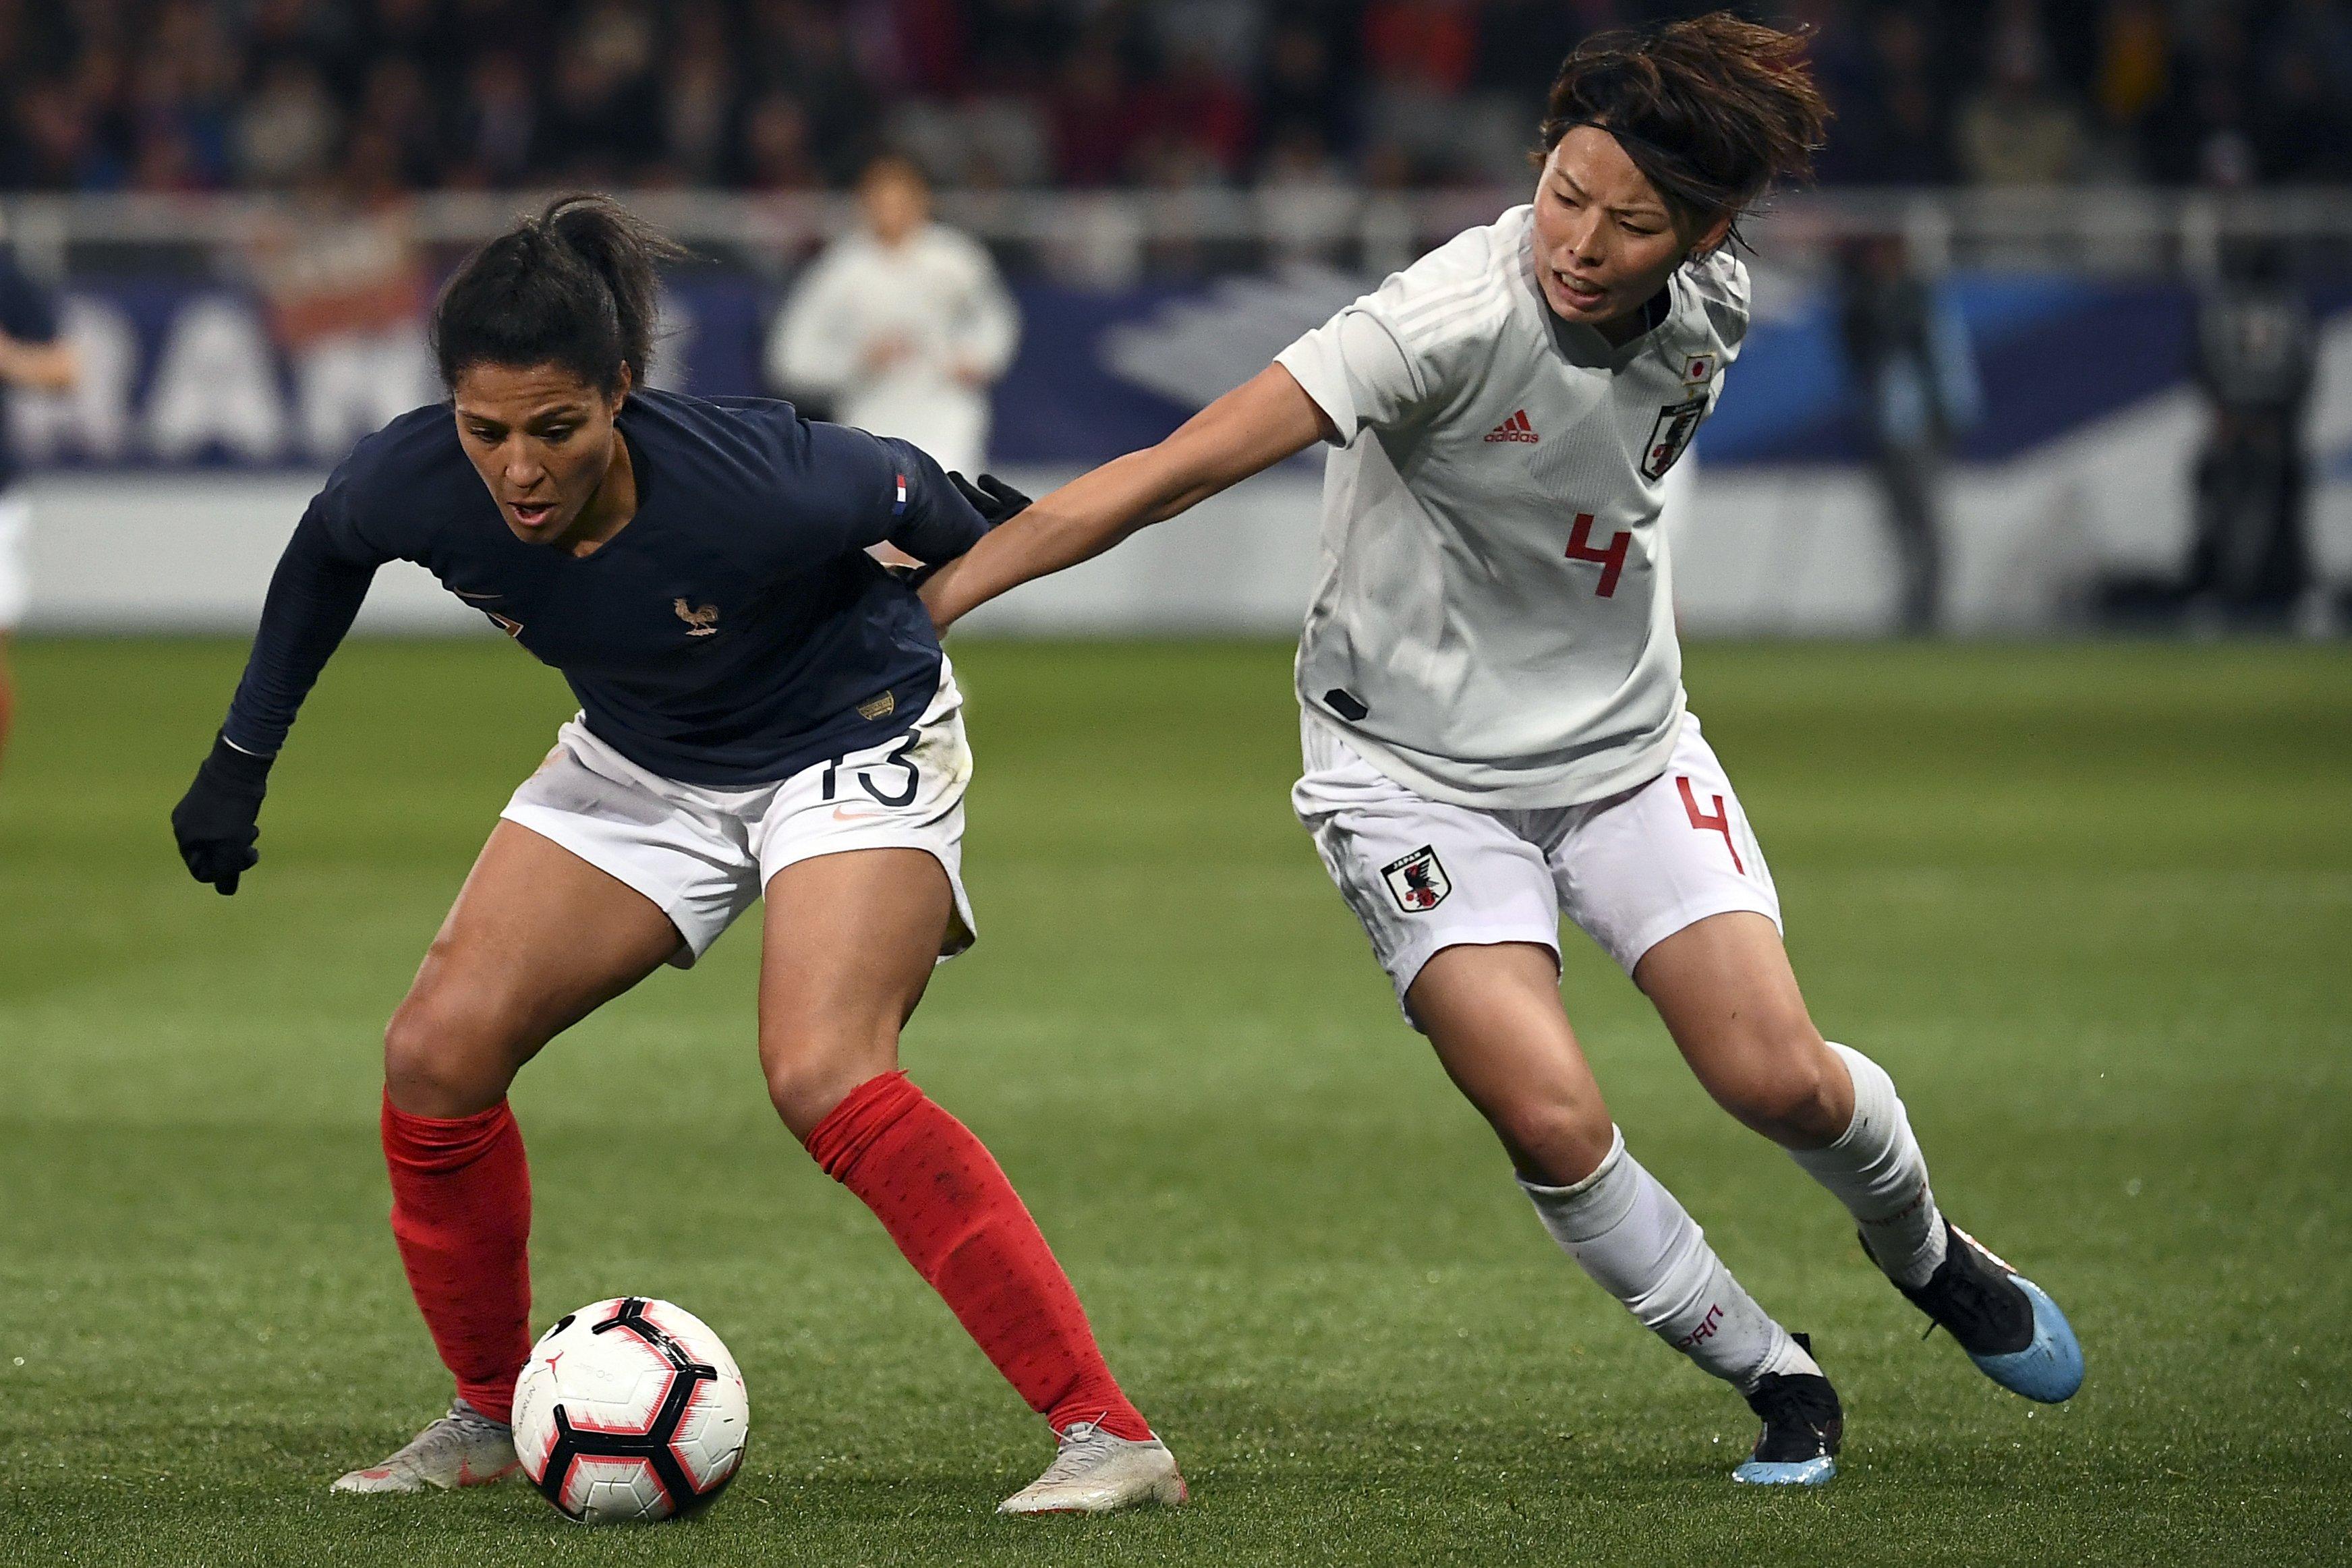 Coupe du monde 2019 - Kumagai, 37 ans, Canada : ce qu'il faut savoir sur la journée de lundi